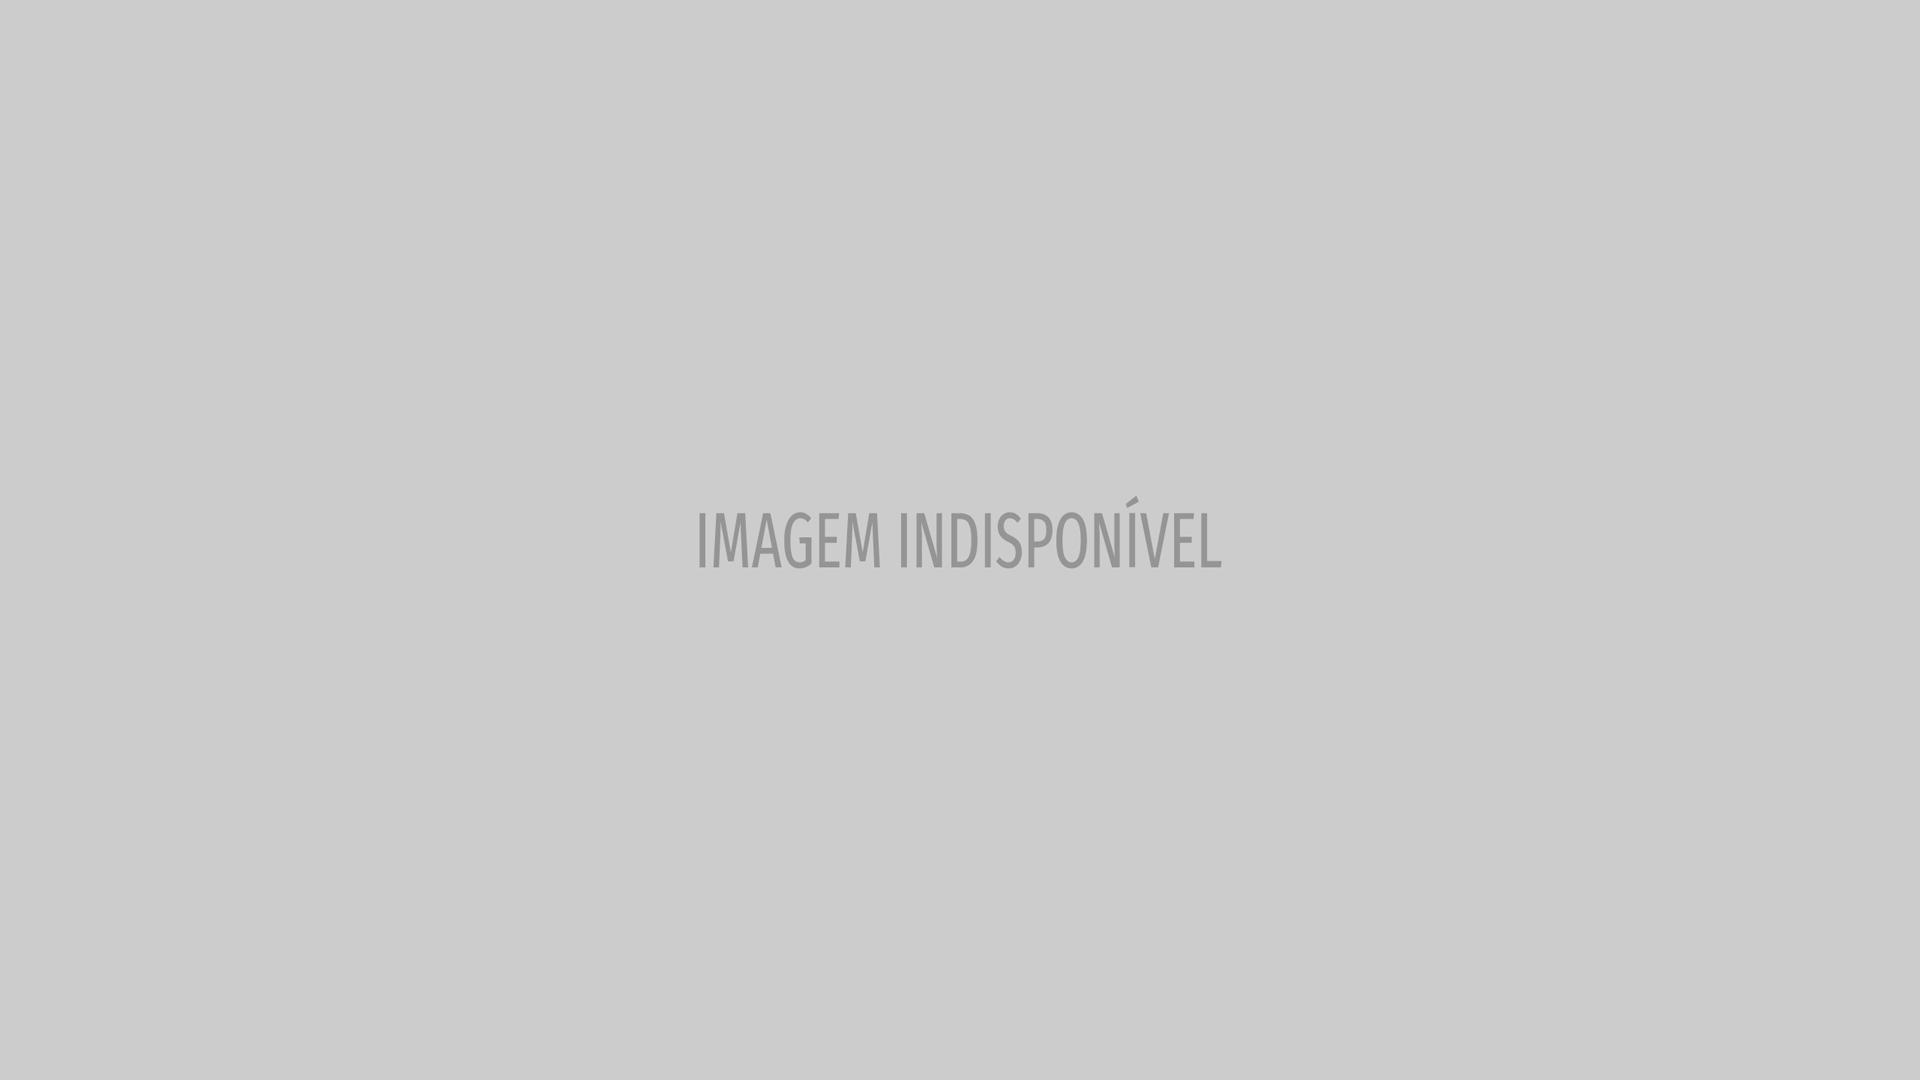 Ricky Martin faz reflexão sobre cenário atual ao lançar 'Pausa'